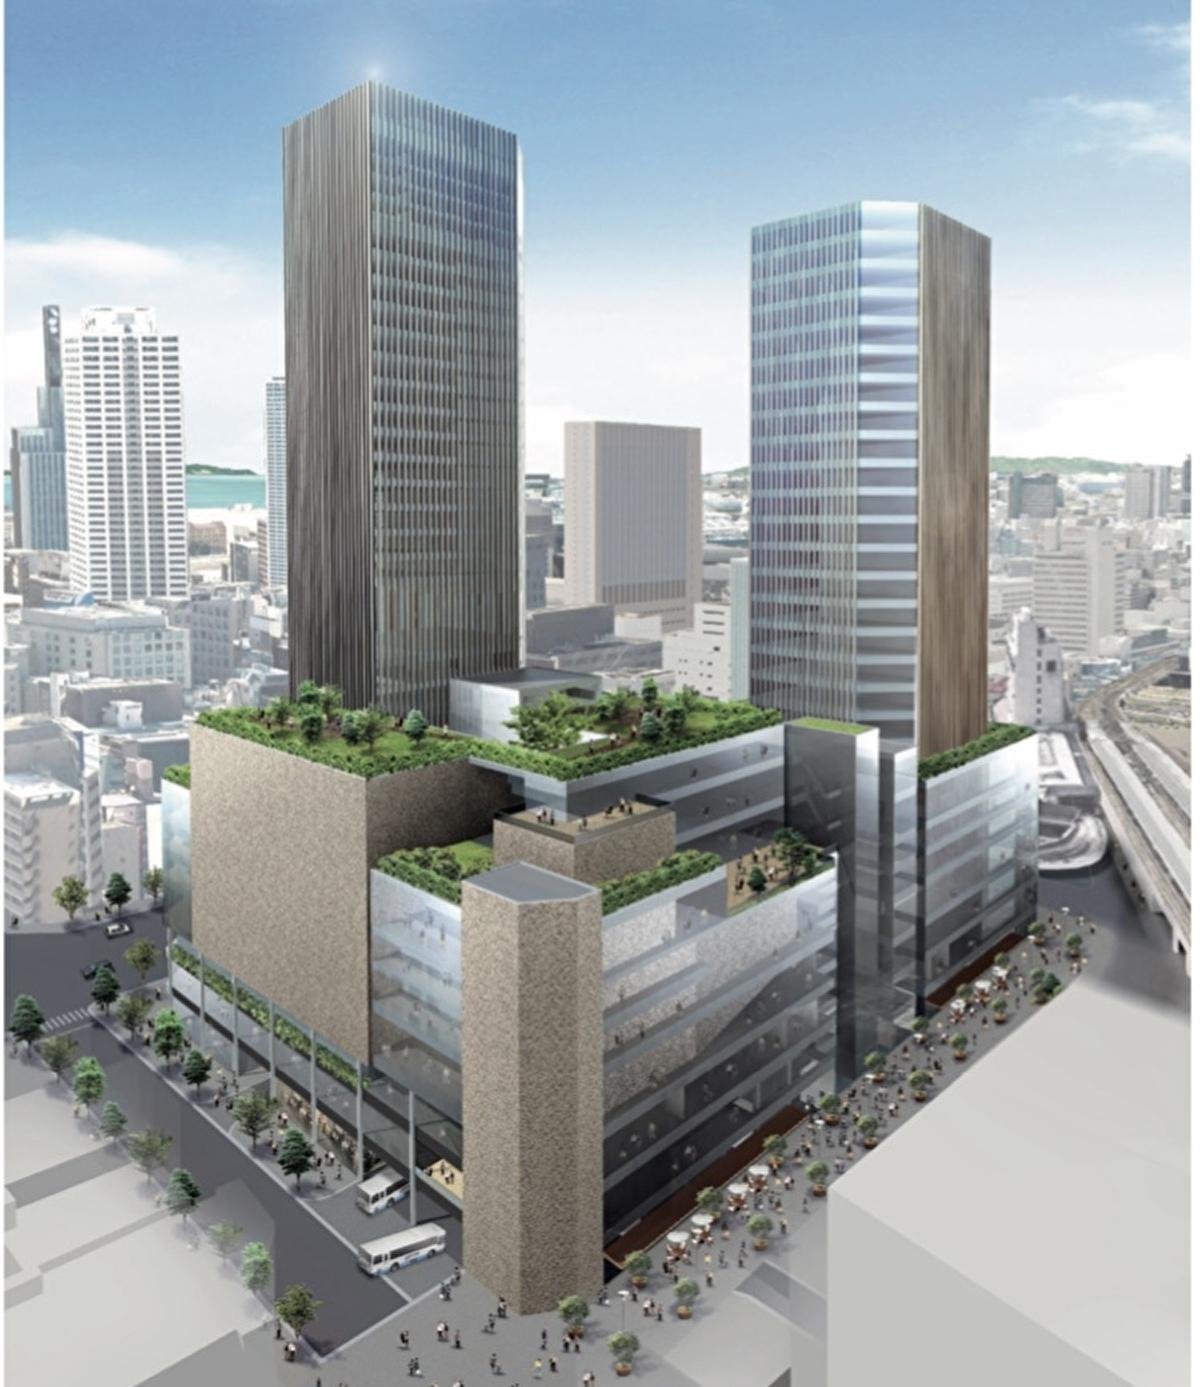 (出典:神戸市) 事業者グループが提案した複合施設を北東から見た完成イメージ。低・中層階はこれまでは分散されていたバス乗降場を集約した西日本最大規模のバスターミナルを核に、周囲を文化ホールやショッピング施設があてられる。タワー部分はオフィスやホテルから成る。